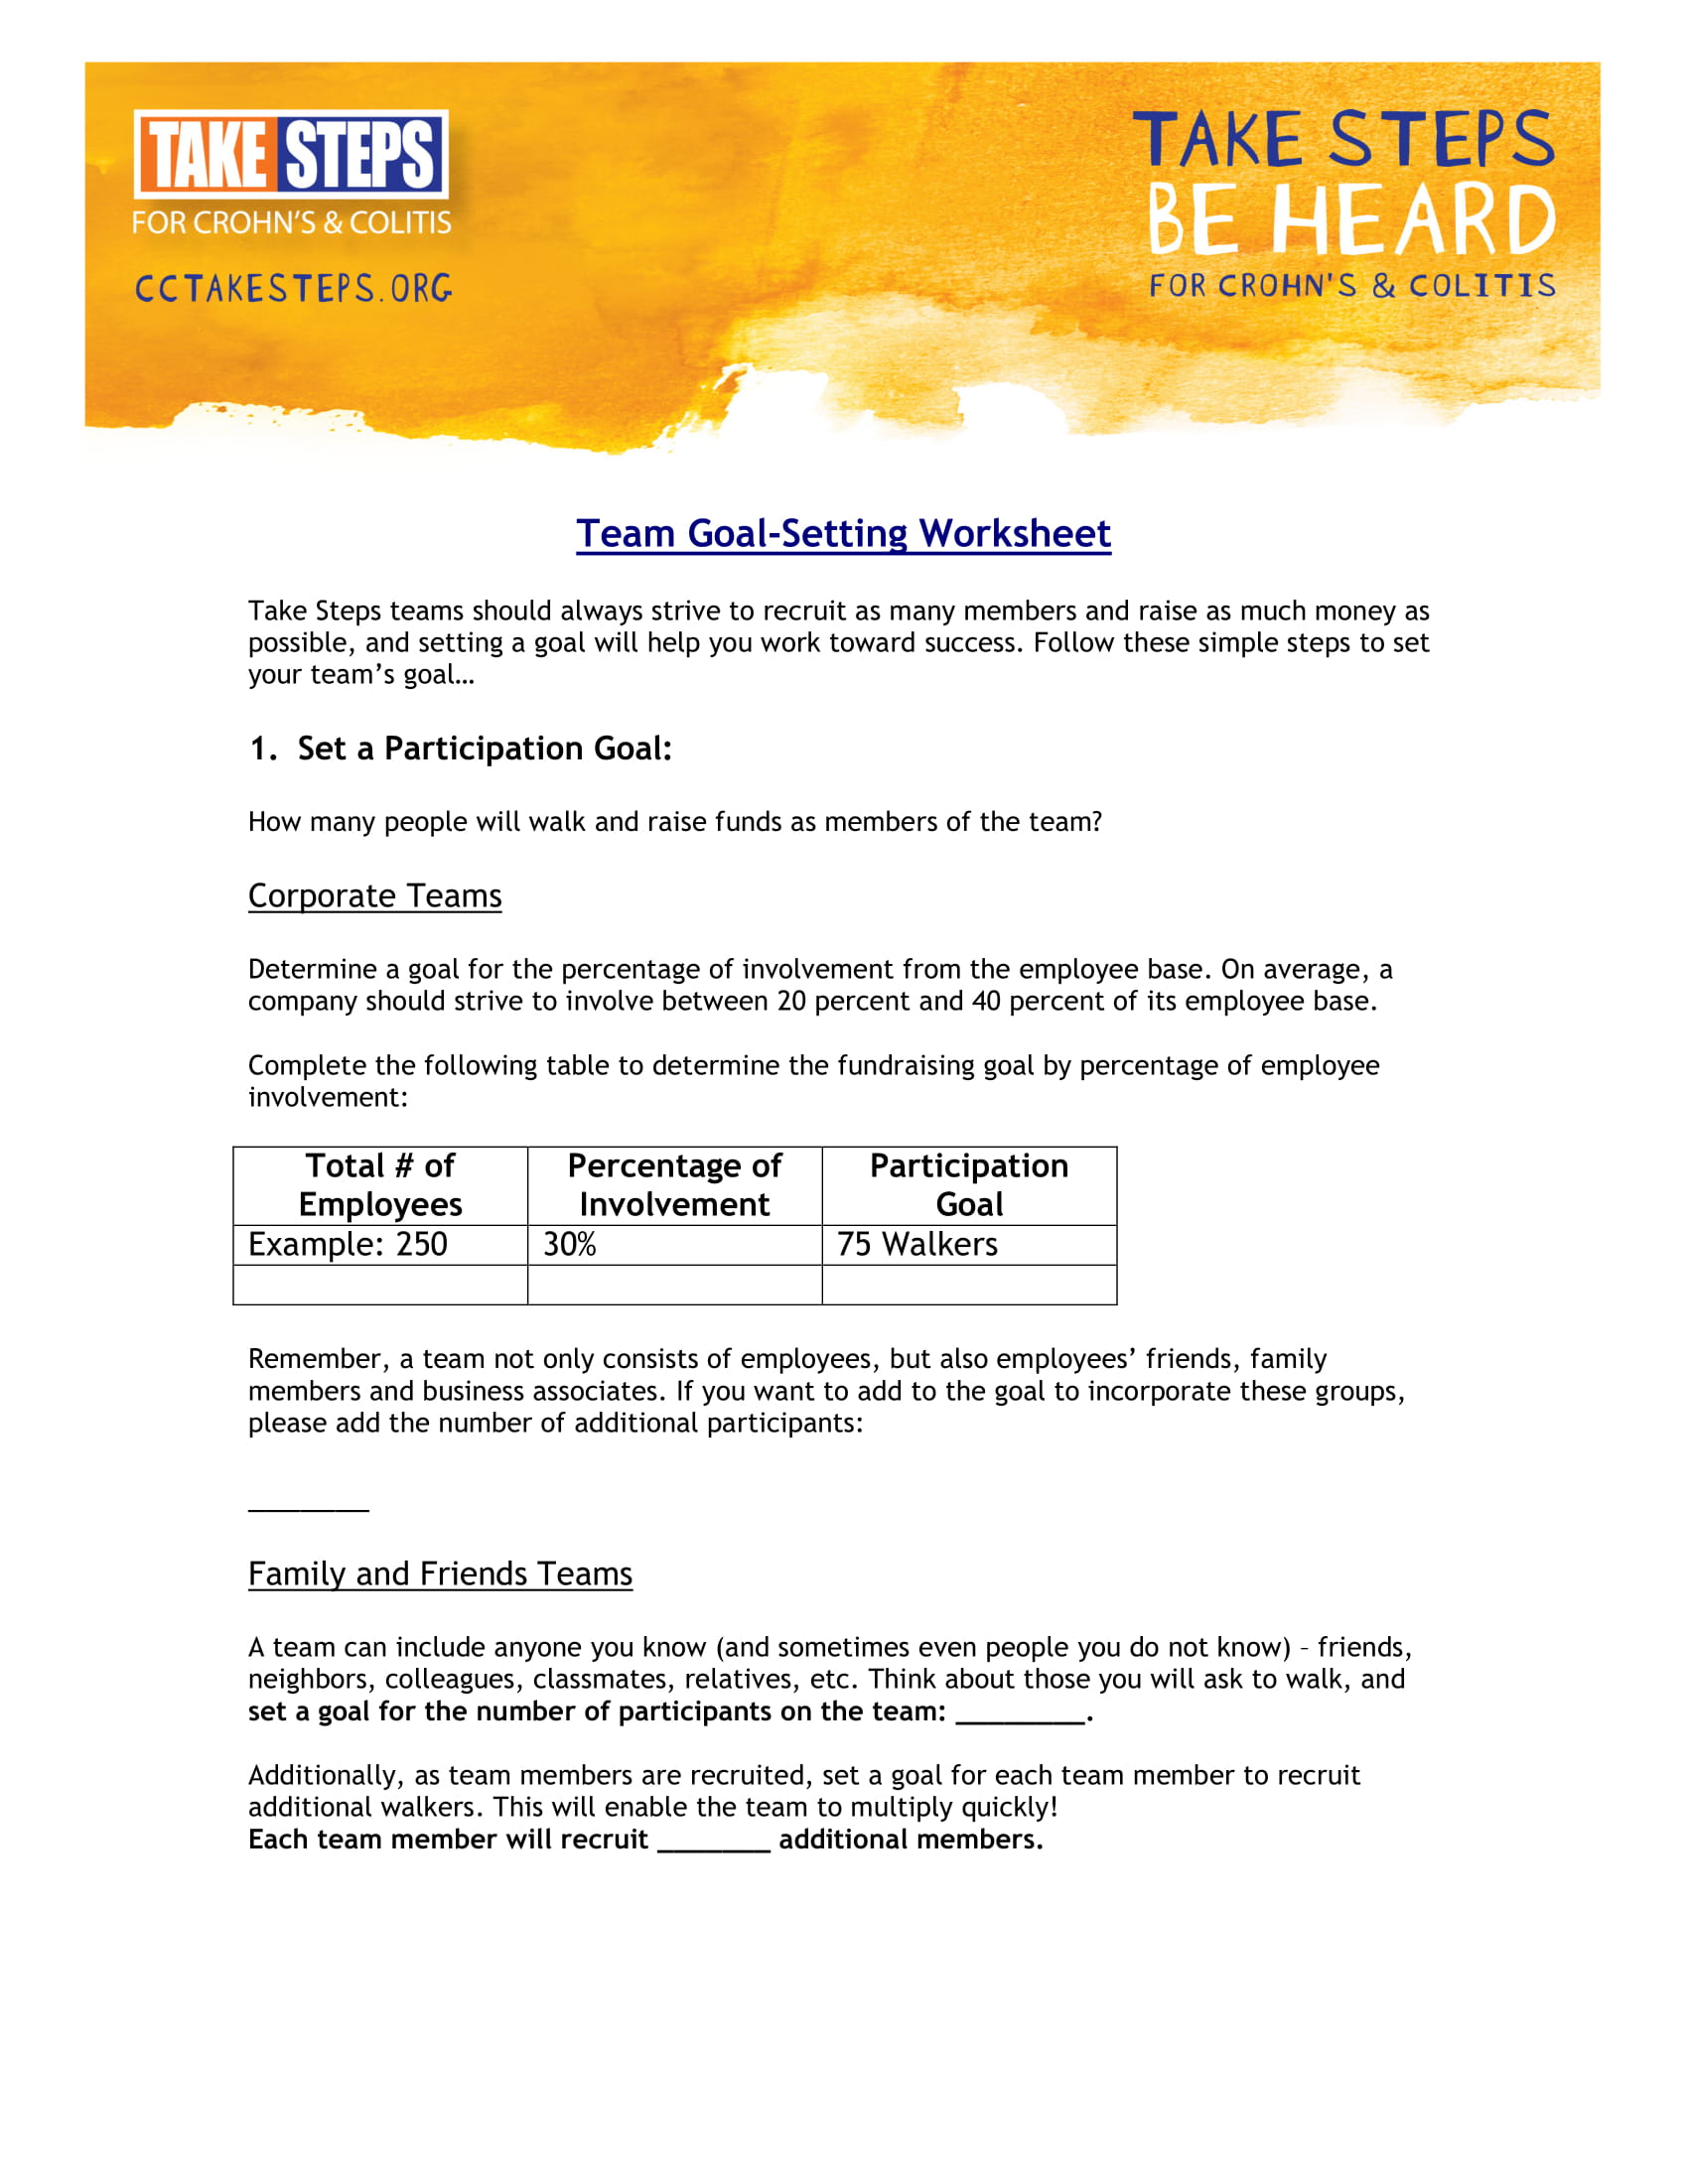 team goal setting worksheet example